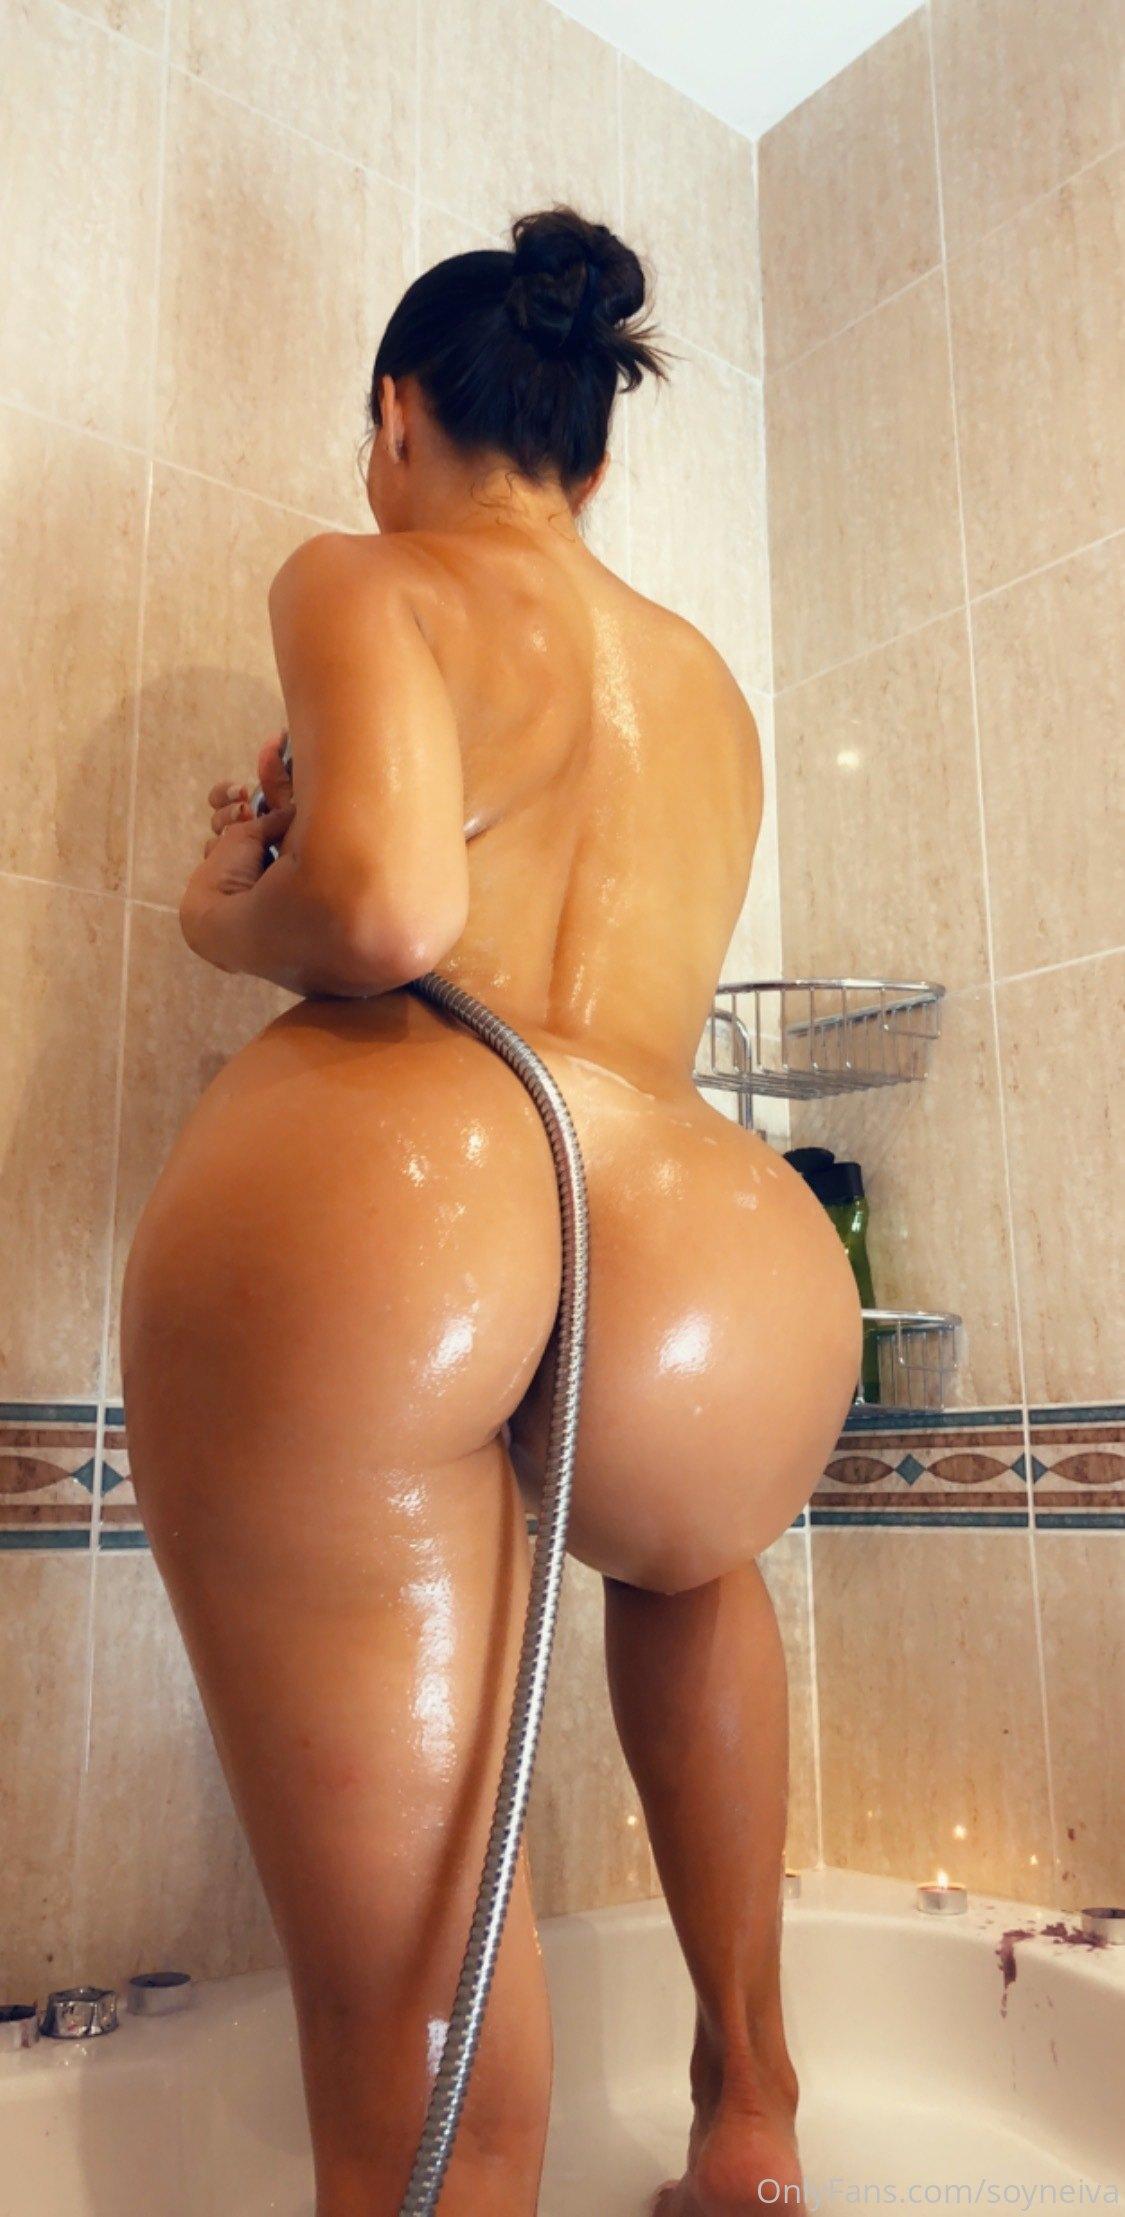 Neiva Mara, Soyneiva, Onlyfans Nudes Leaks 0013